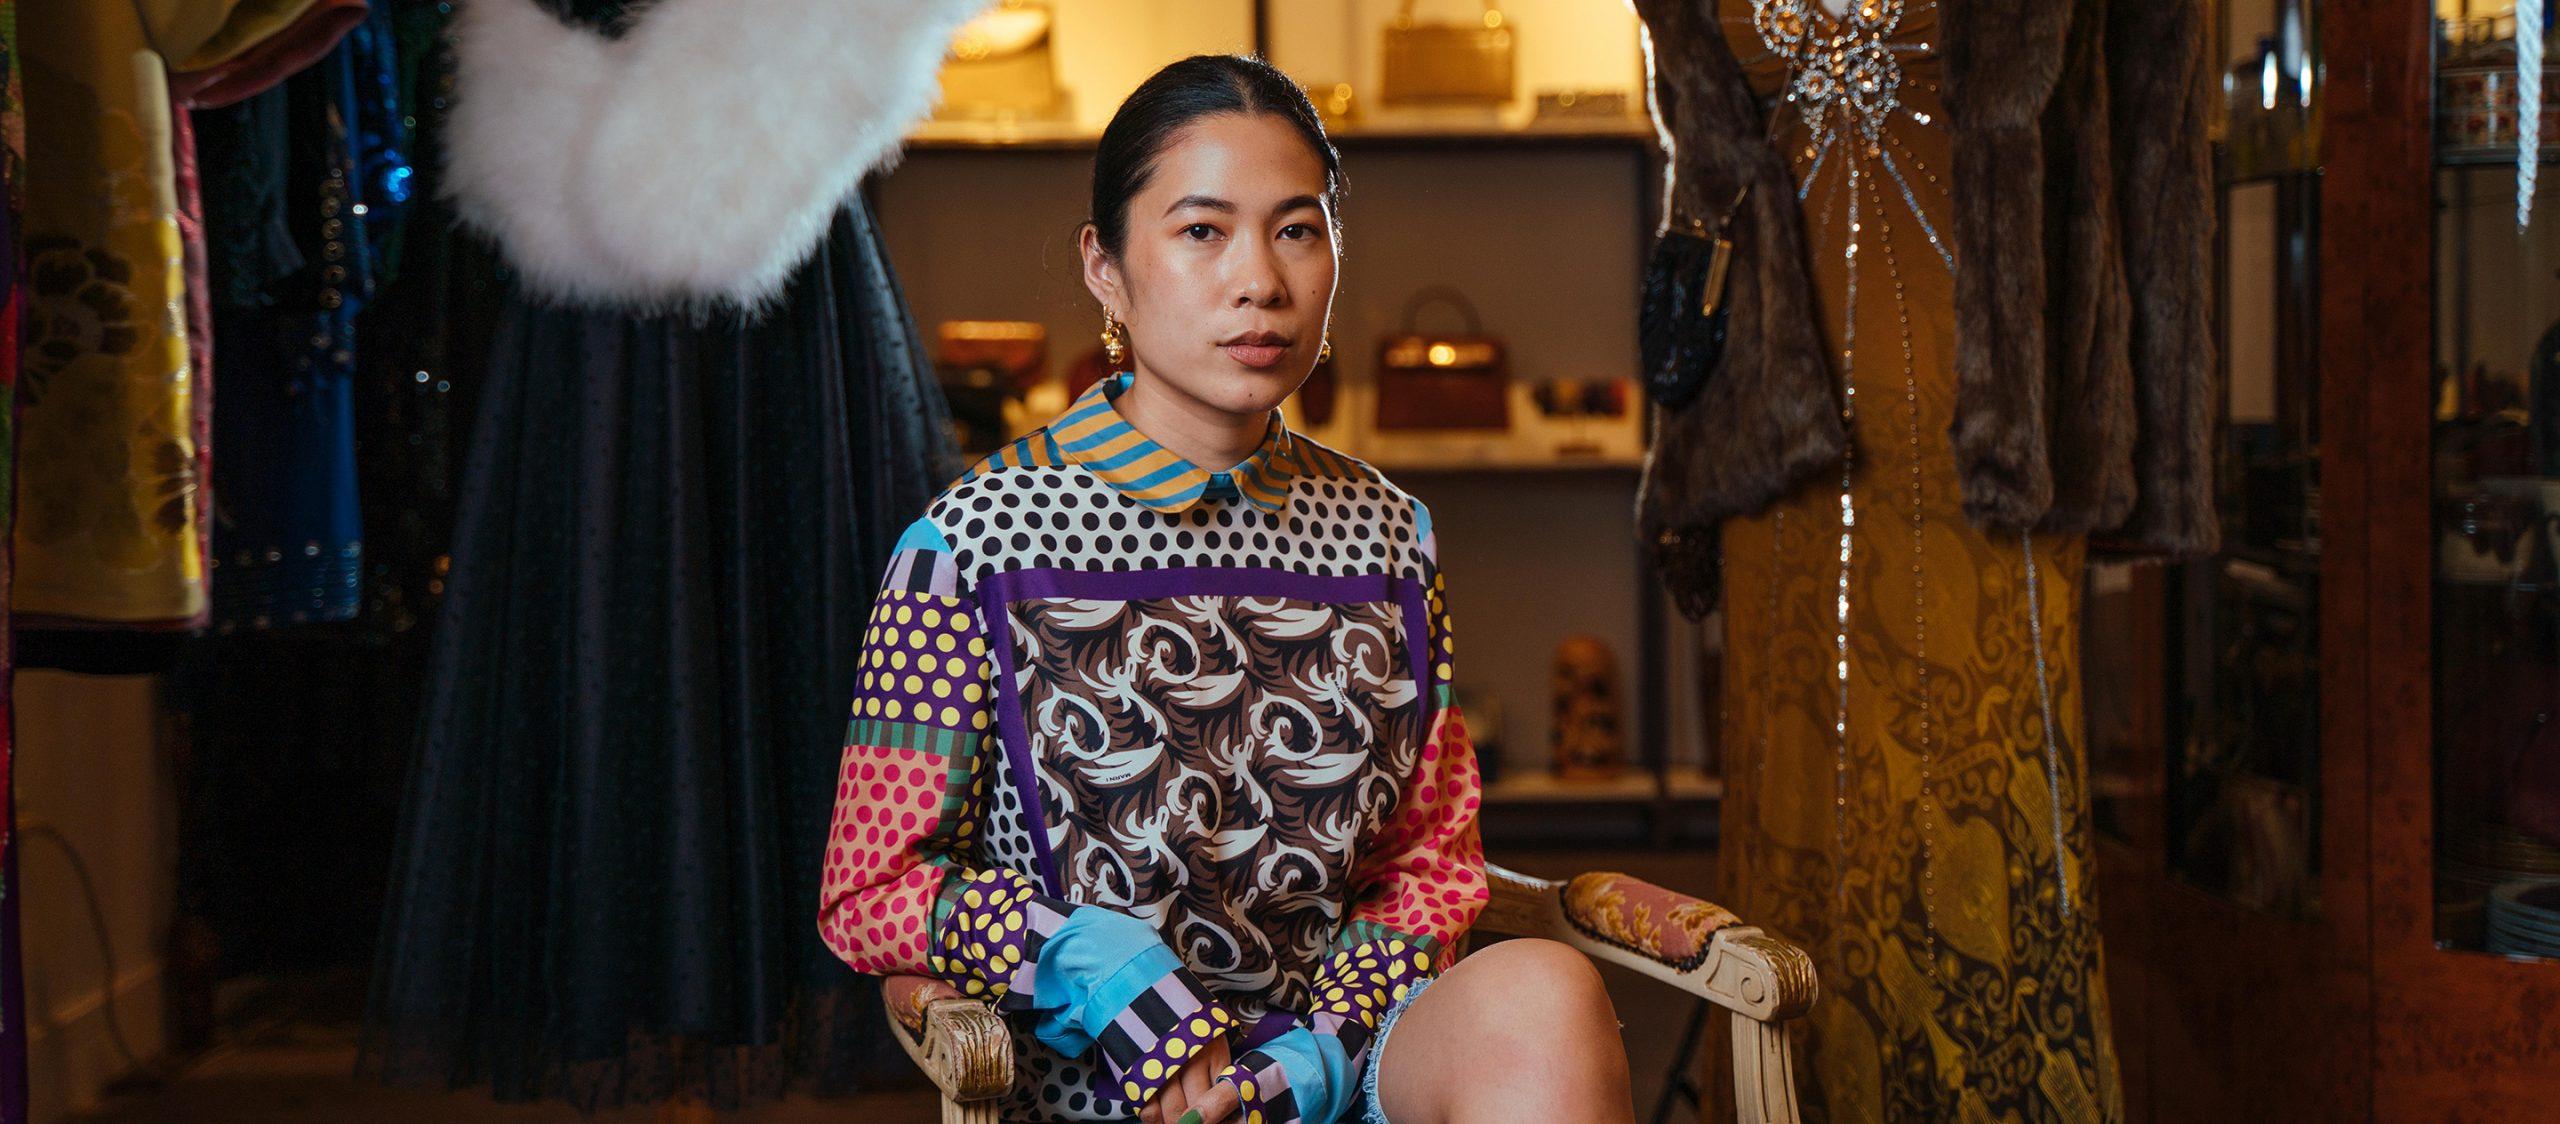 มุก อรรถการวงศ์ ดีไซเนอร์สโลว์แฟชั่นผู้ปฏิเสธเลดี้กาก้า แต่กลับไทยมาสร้างฮับให้ศิลปินหน้าใหม่